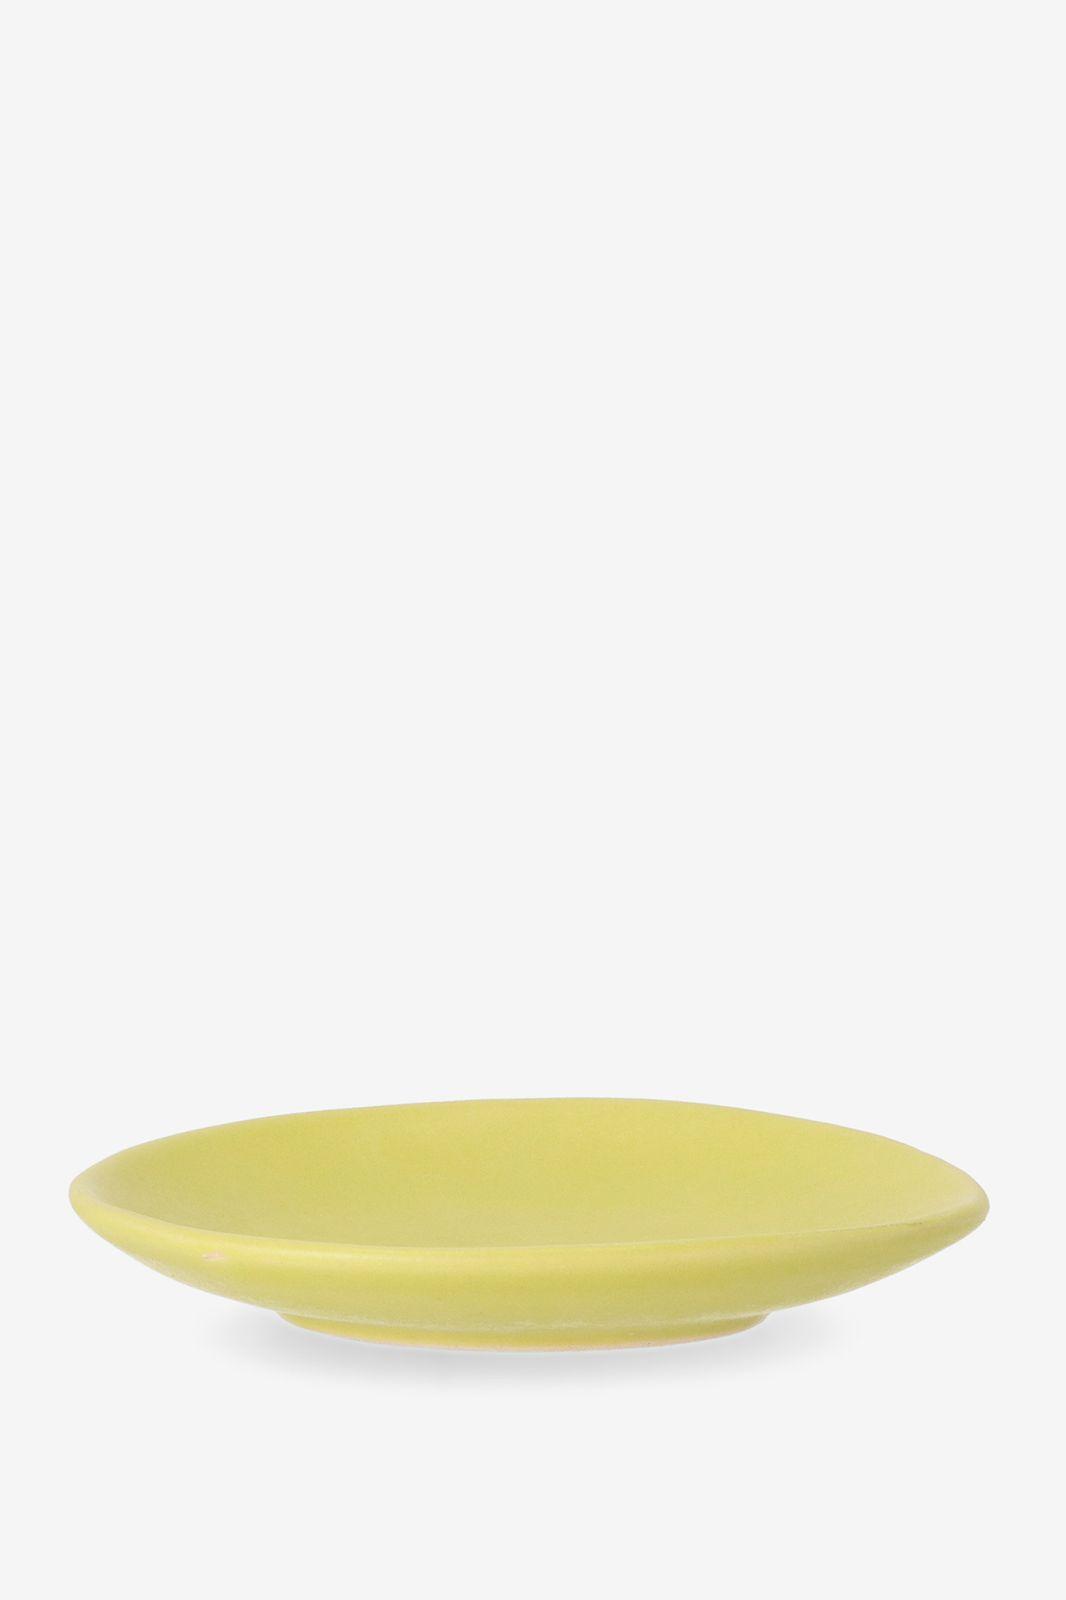 Geel aardewerk dessert bord